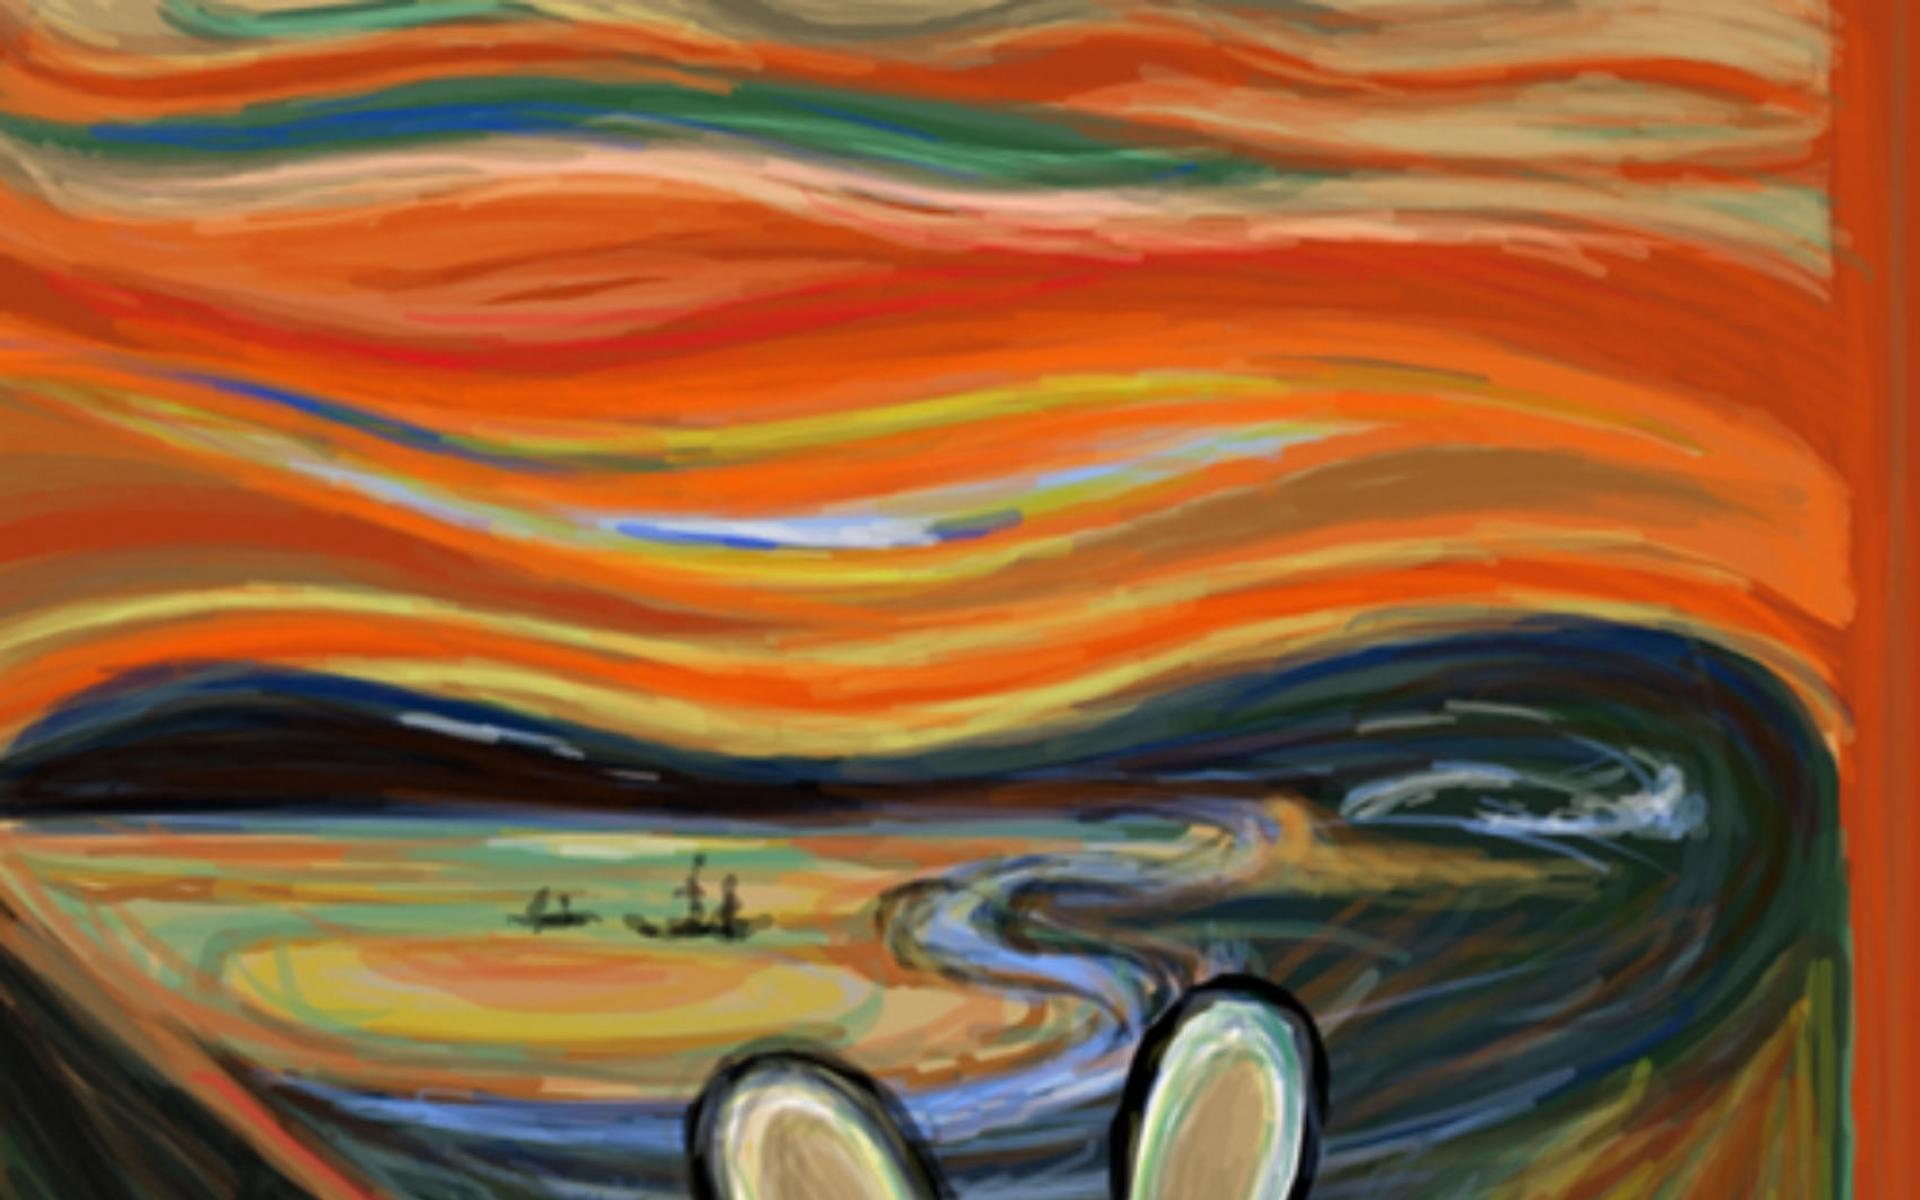 47 The Scream Wallpaper Desktop On Wallpapersafari